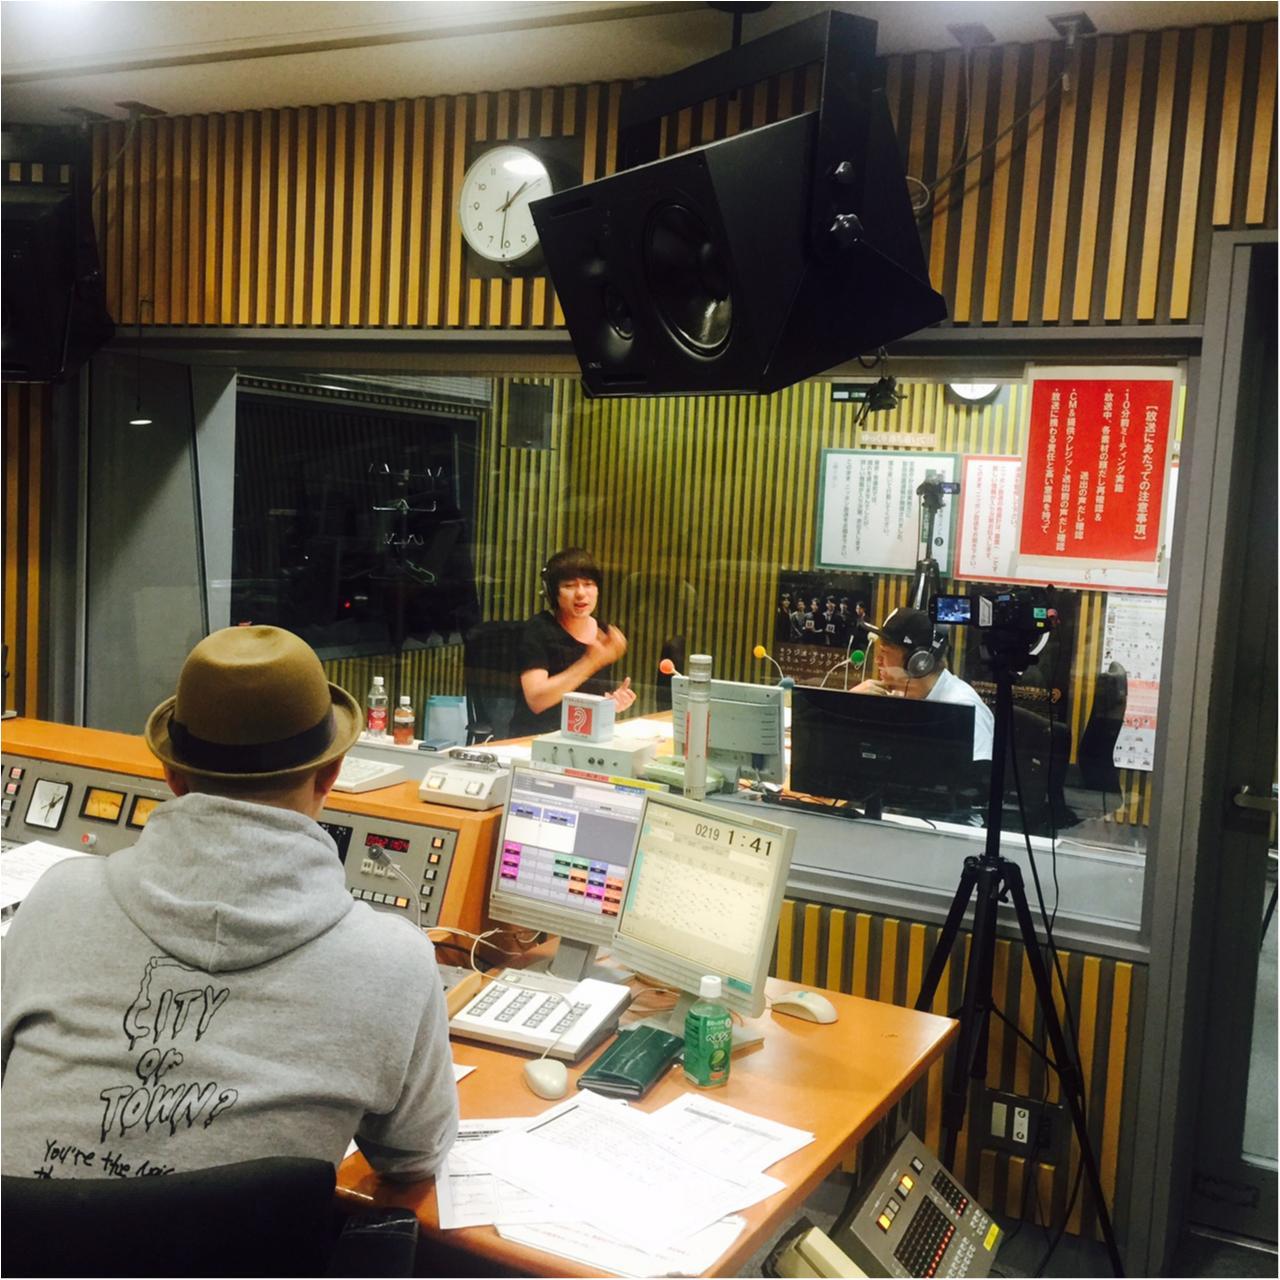 【ウラMORE】ウーマンラッシュ村本さんのラジオの裏側、突撃取材!_6